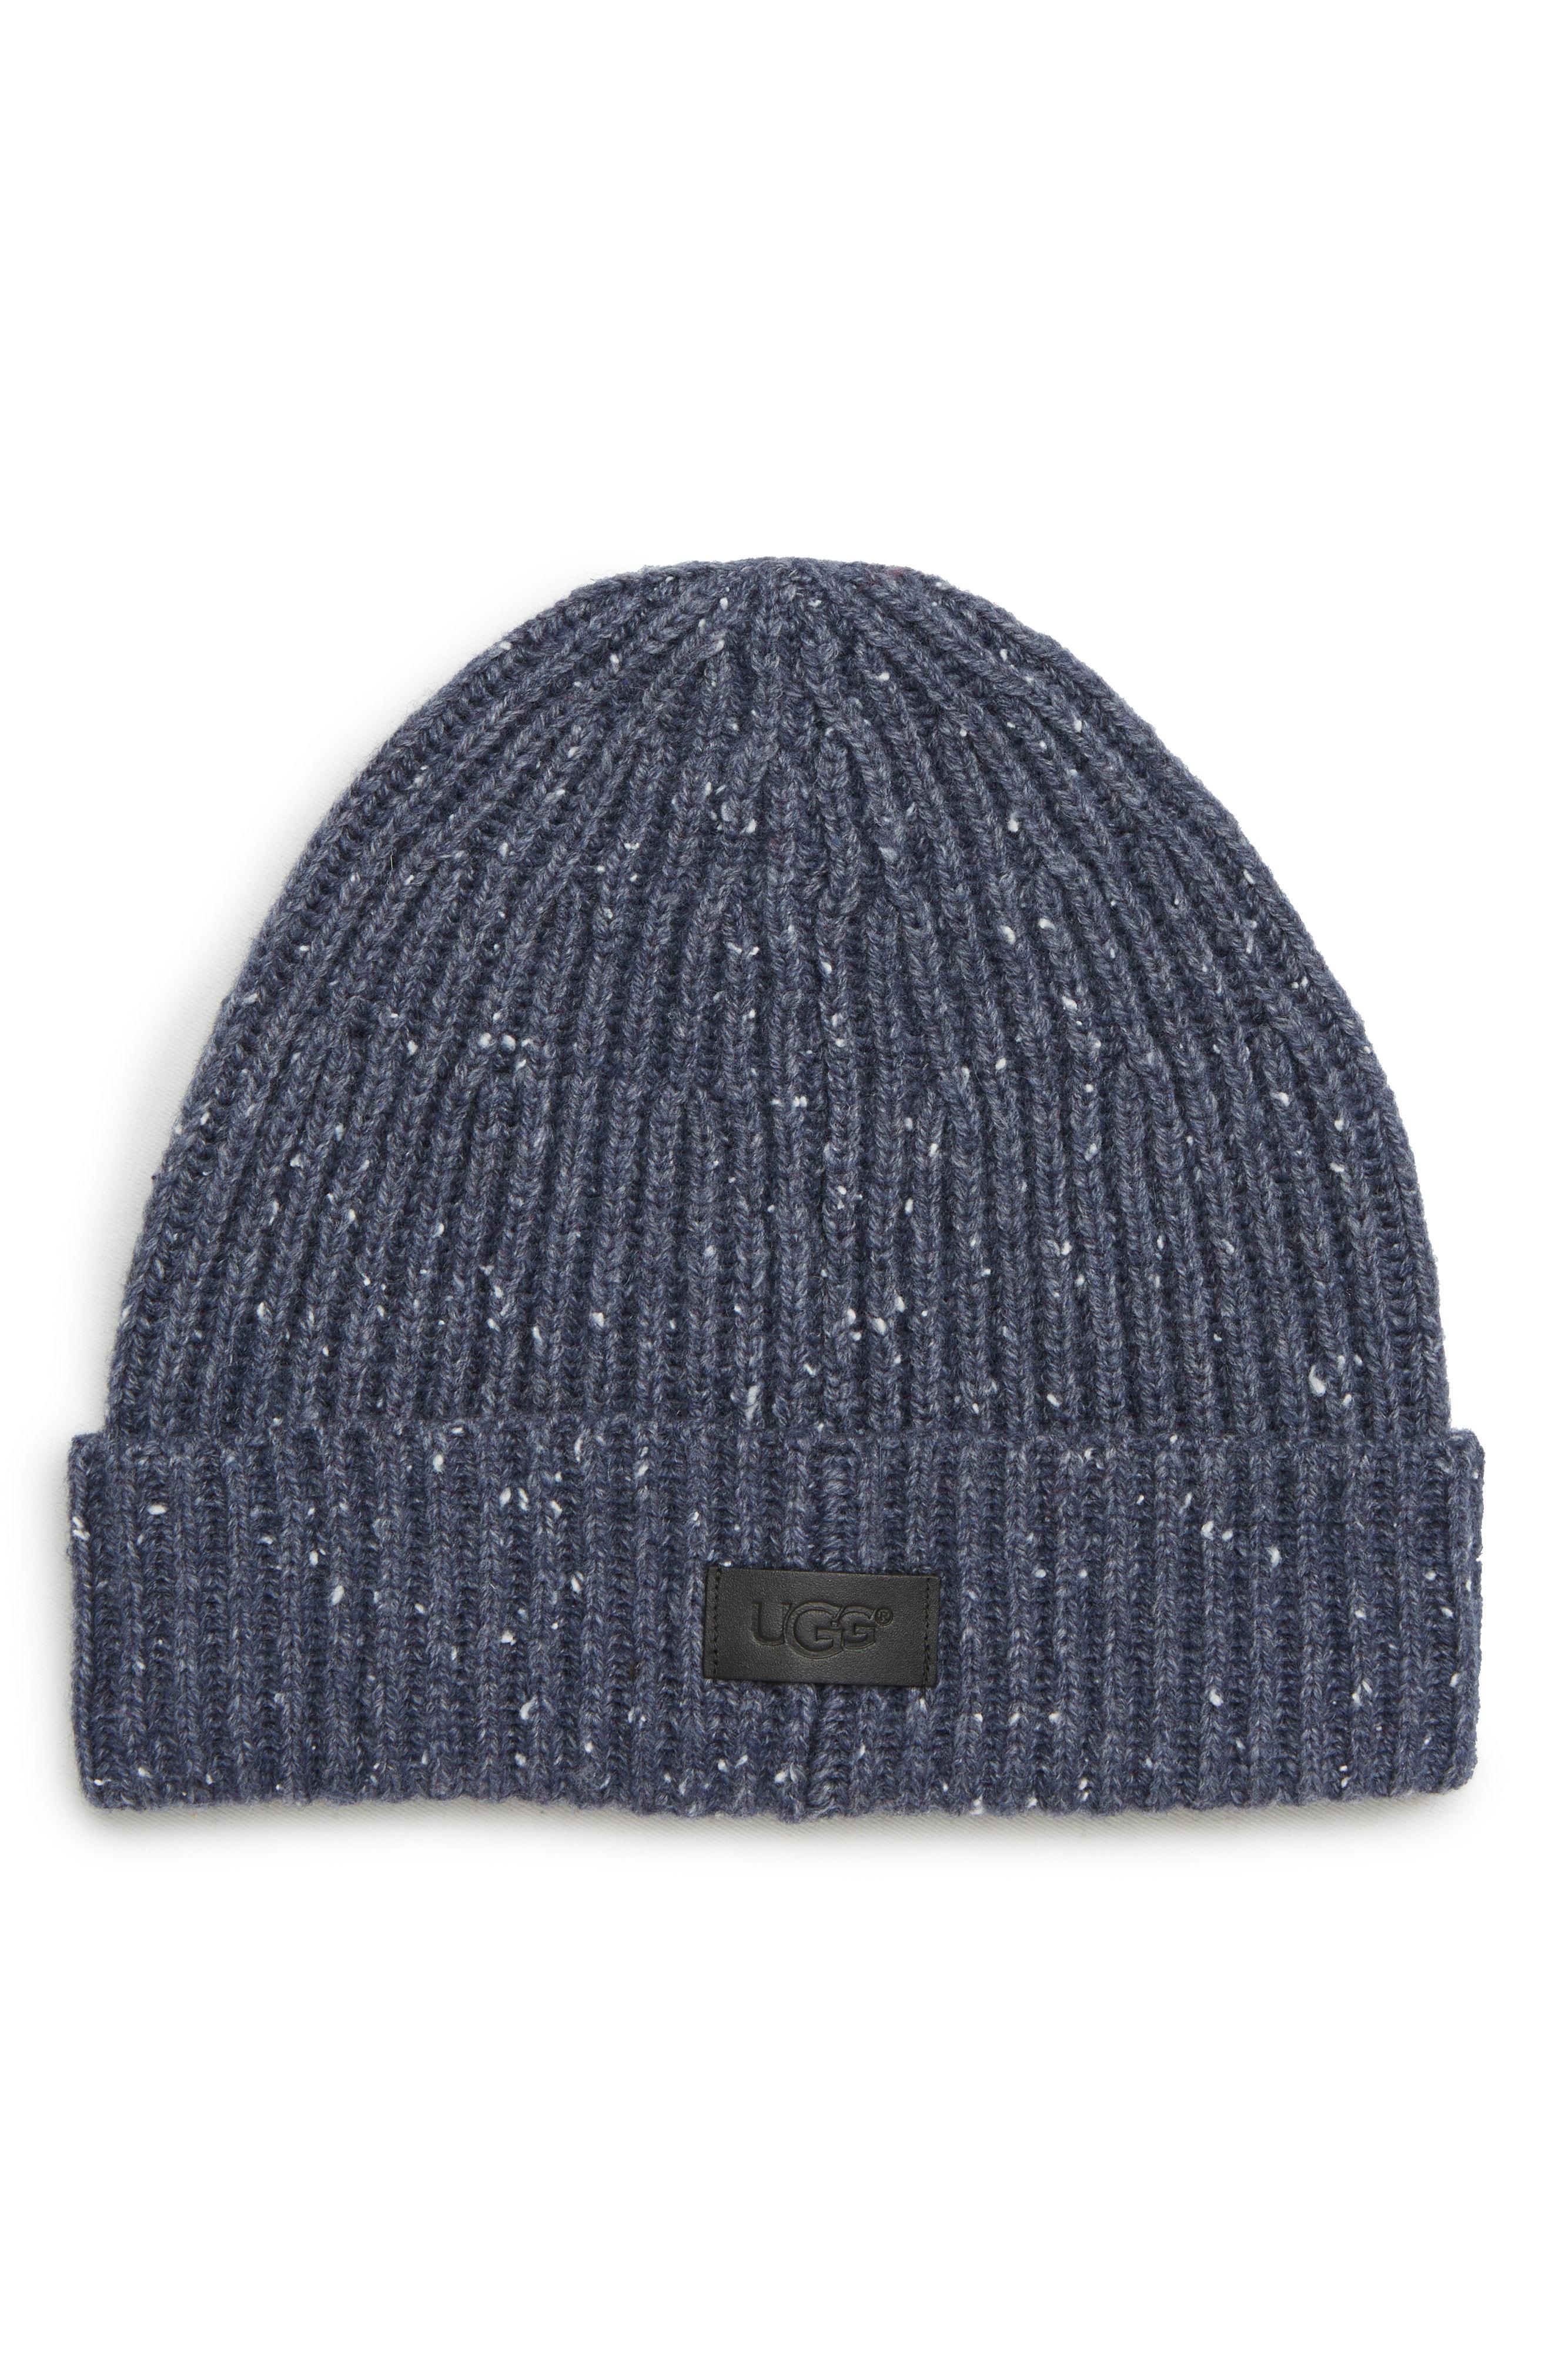 14180b6829812 Lyst - UGG Ugg Cuffed Knit Beanie in Blue for Men